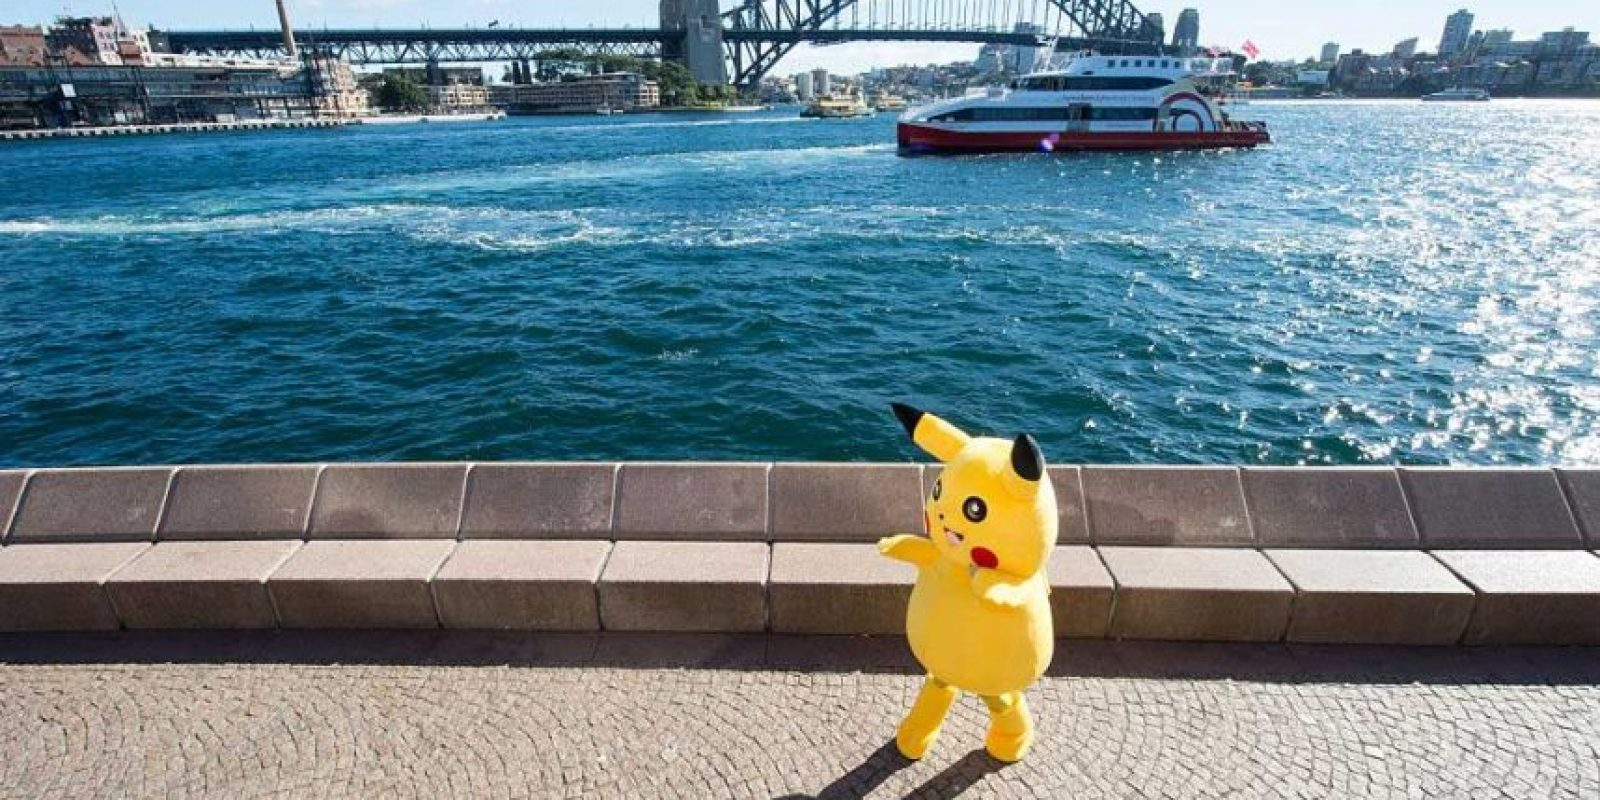 En sólo una semana, Pokémon Go se convirtió en el juego para smartphones más descargado en Estados Unidos. Foto:Getty Images